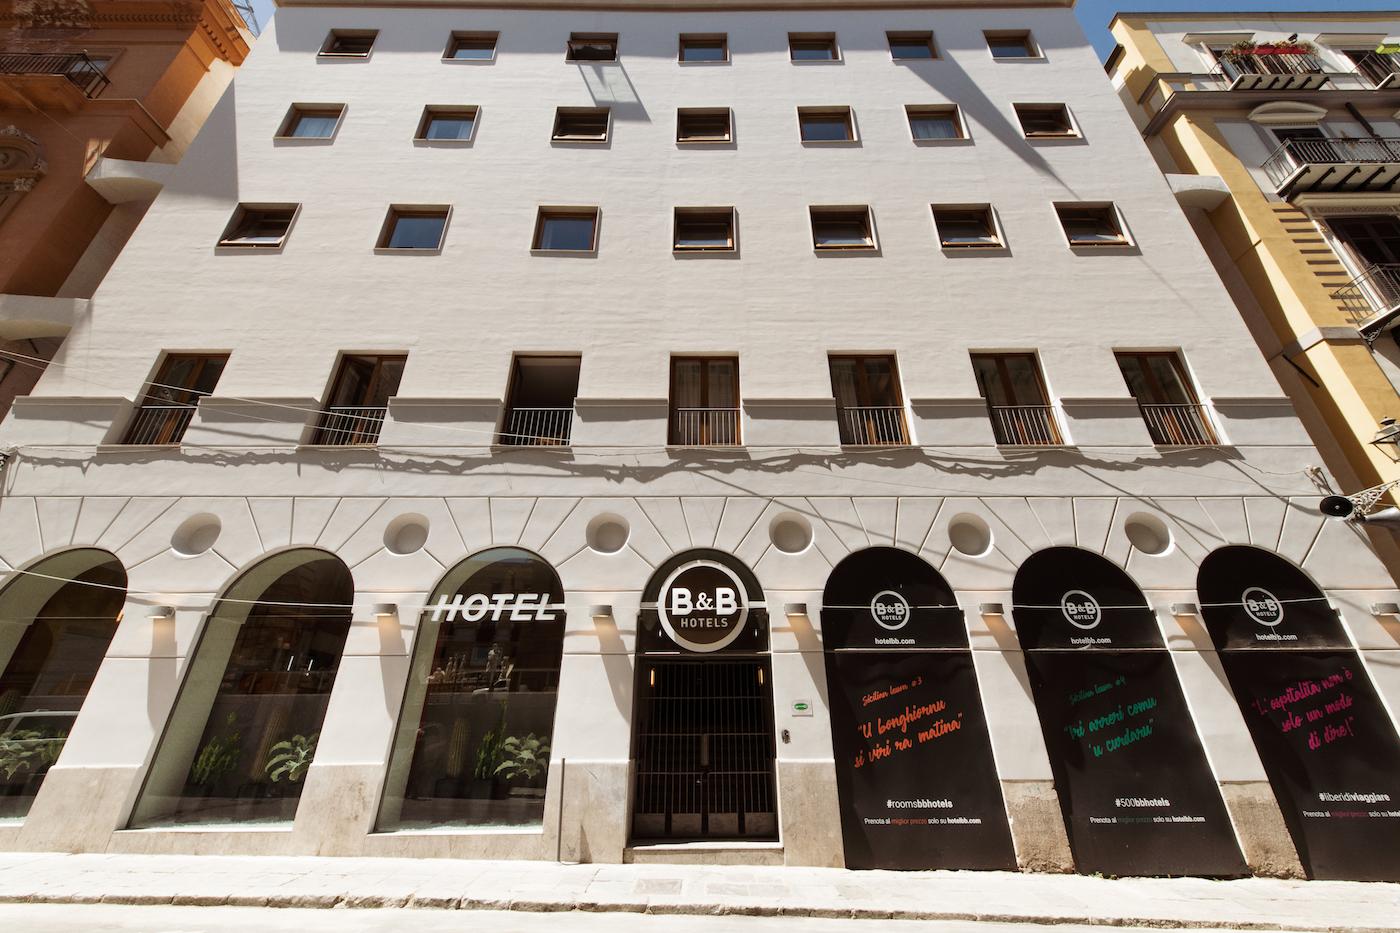 La facciata del B&B Hotel Palermo Quattro Canti